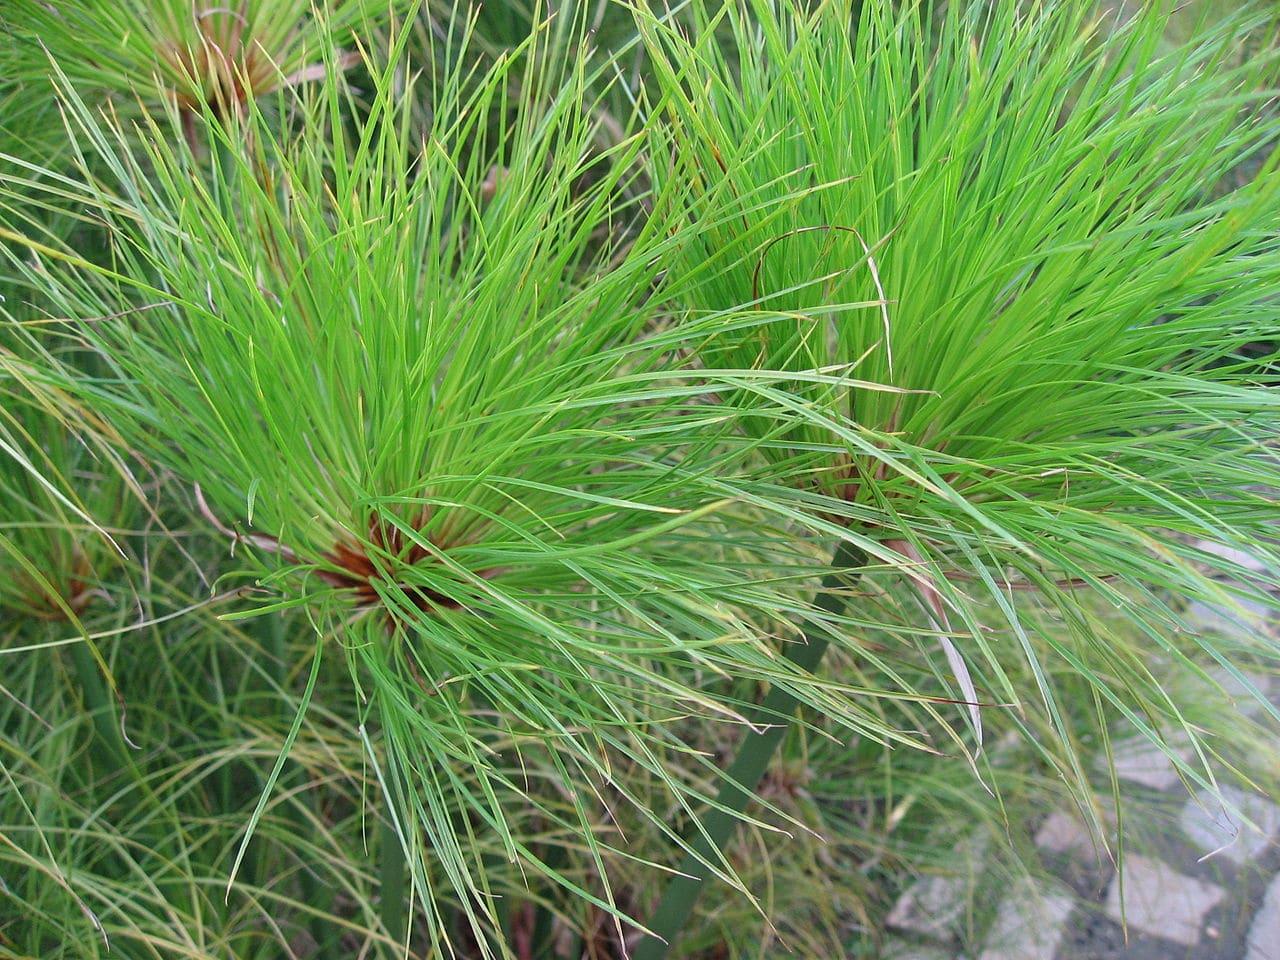 El papiro es una planta de junco